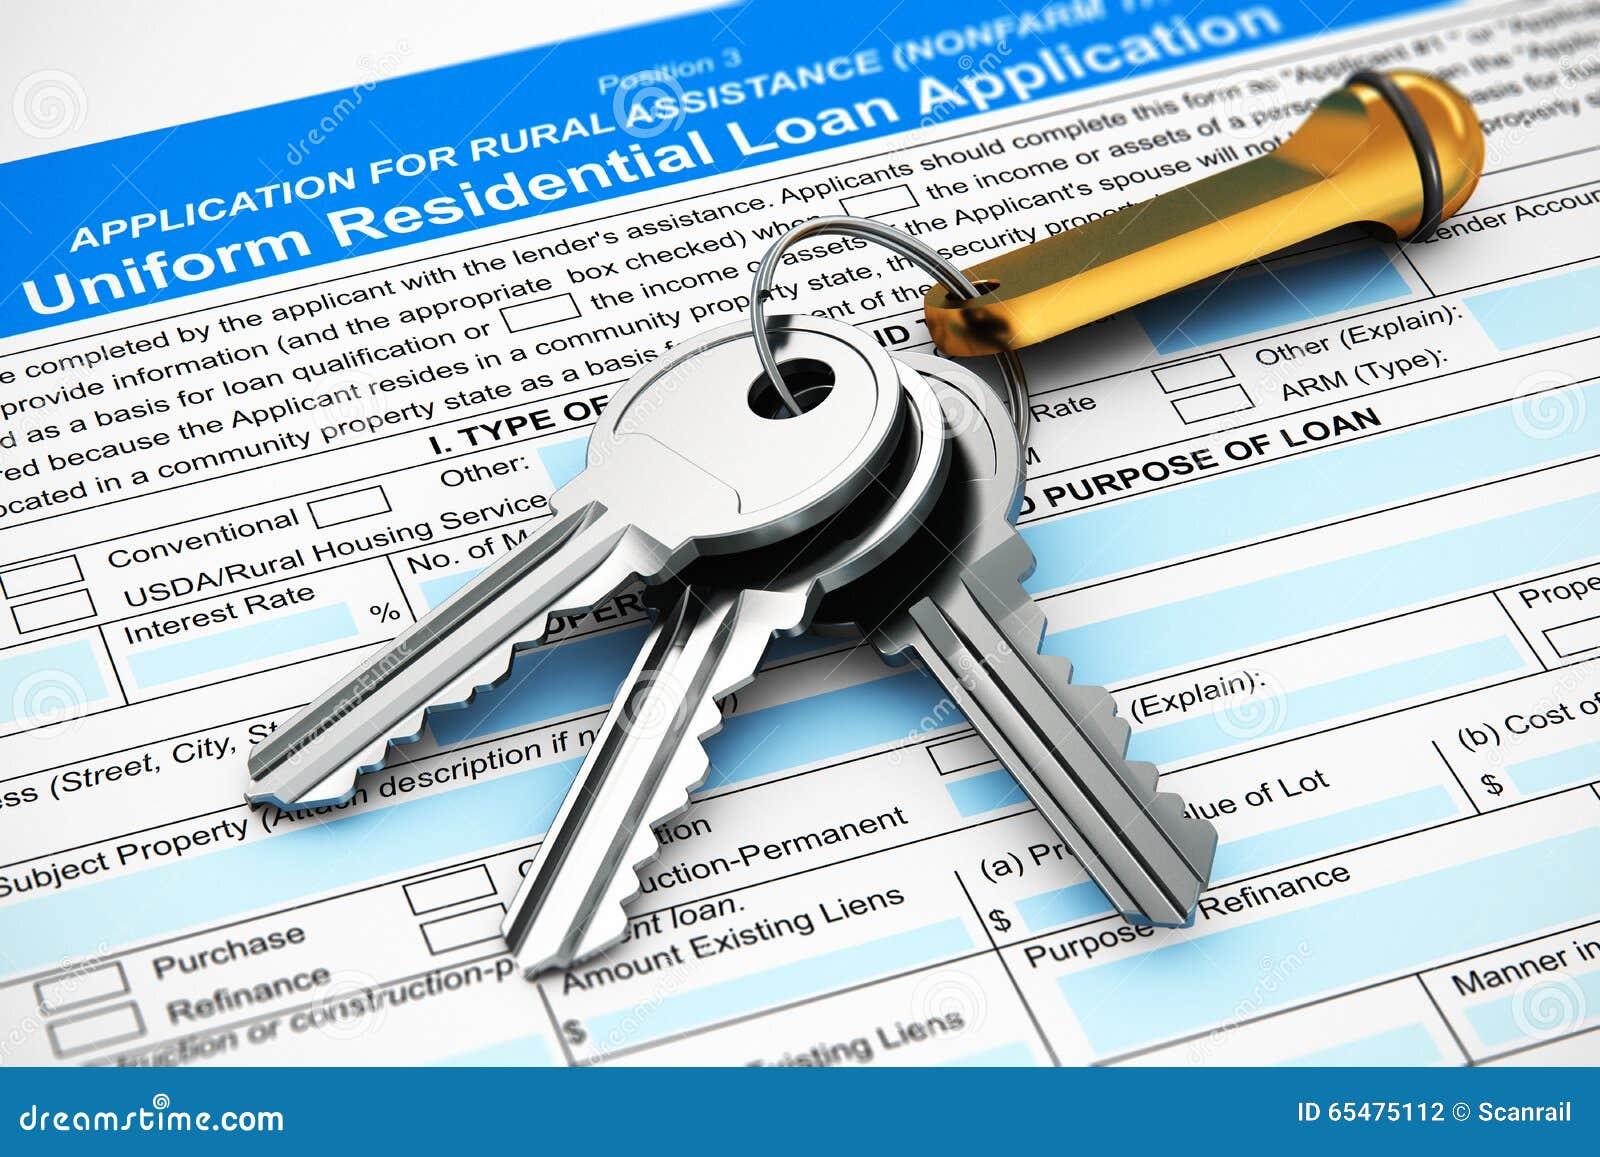 business loan application form sbi